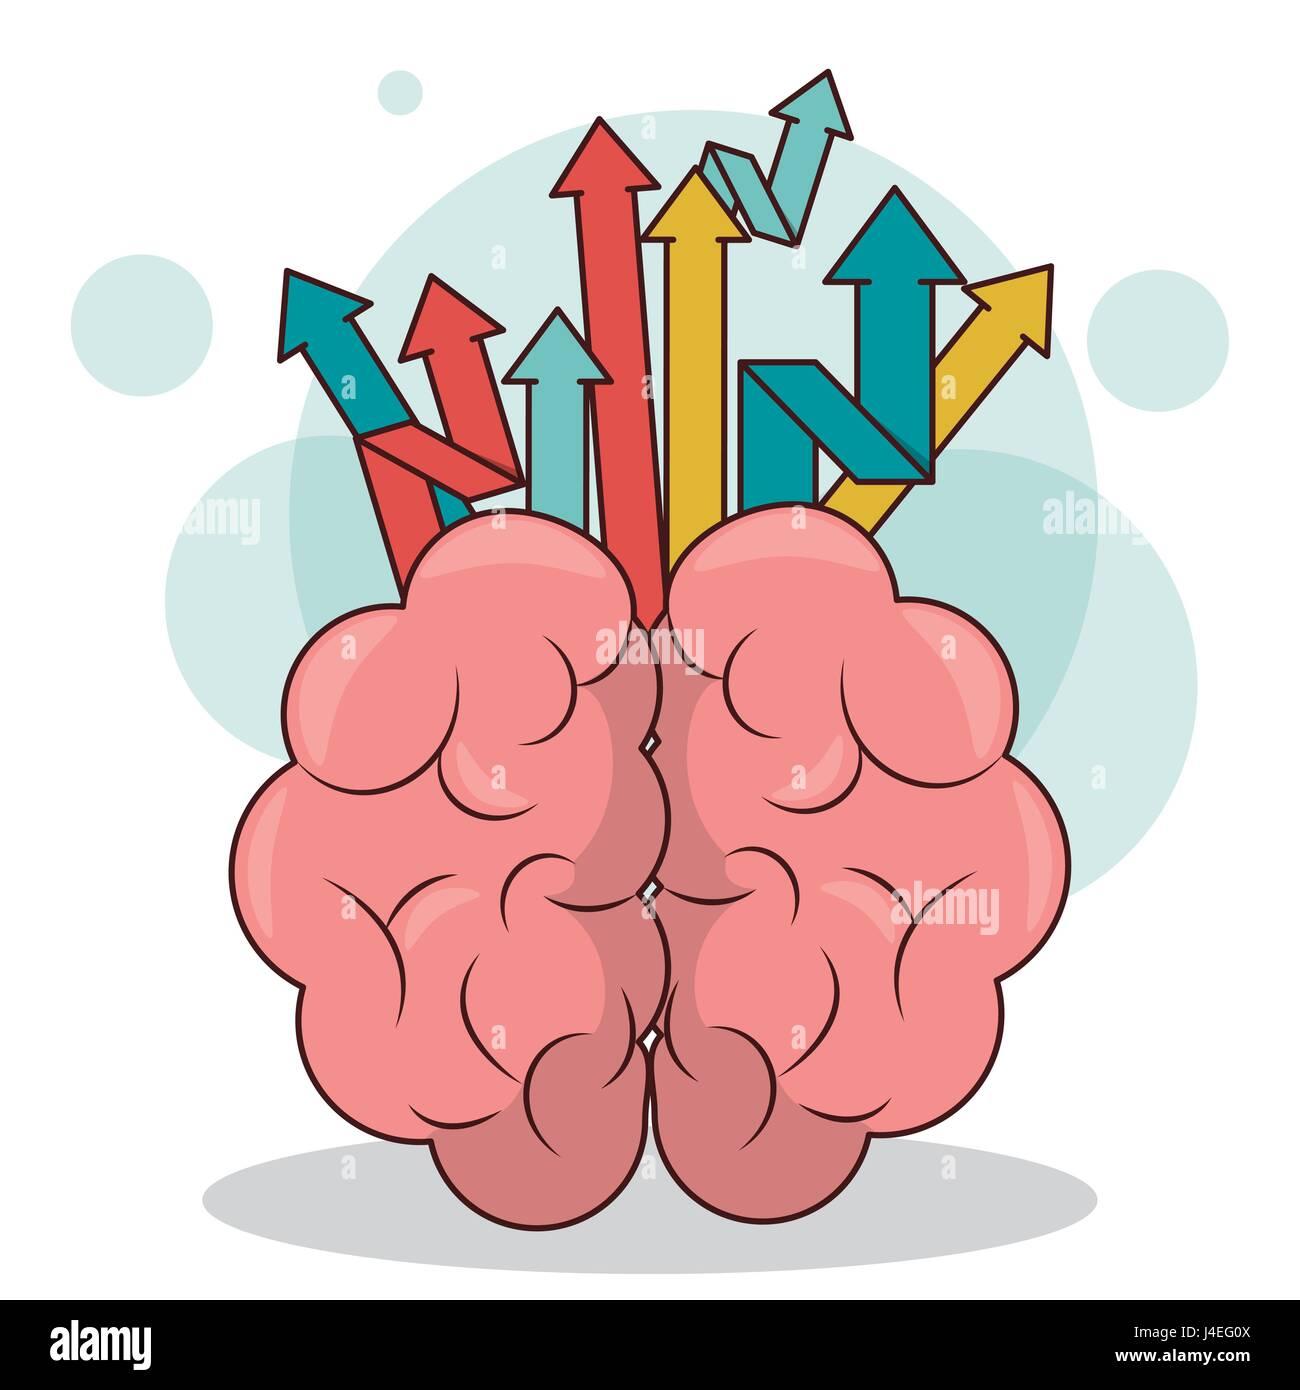 human brain arrows creativity business growth concept - Stock Vector